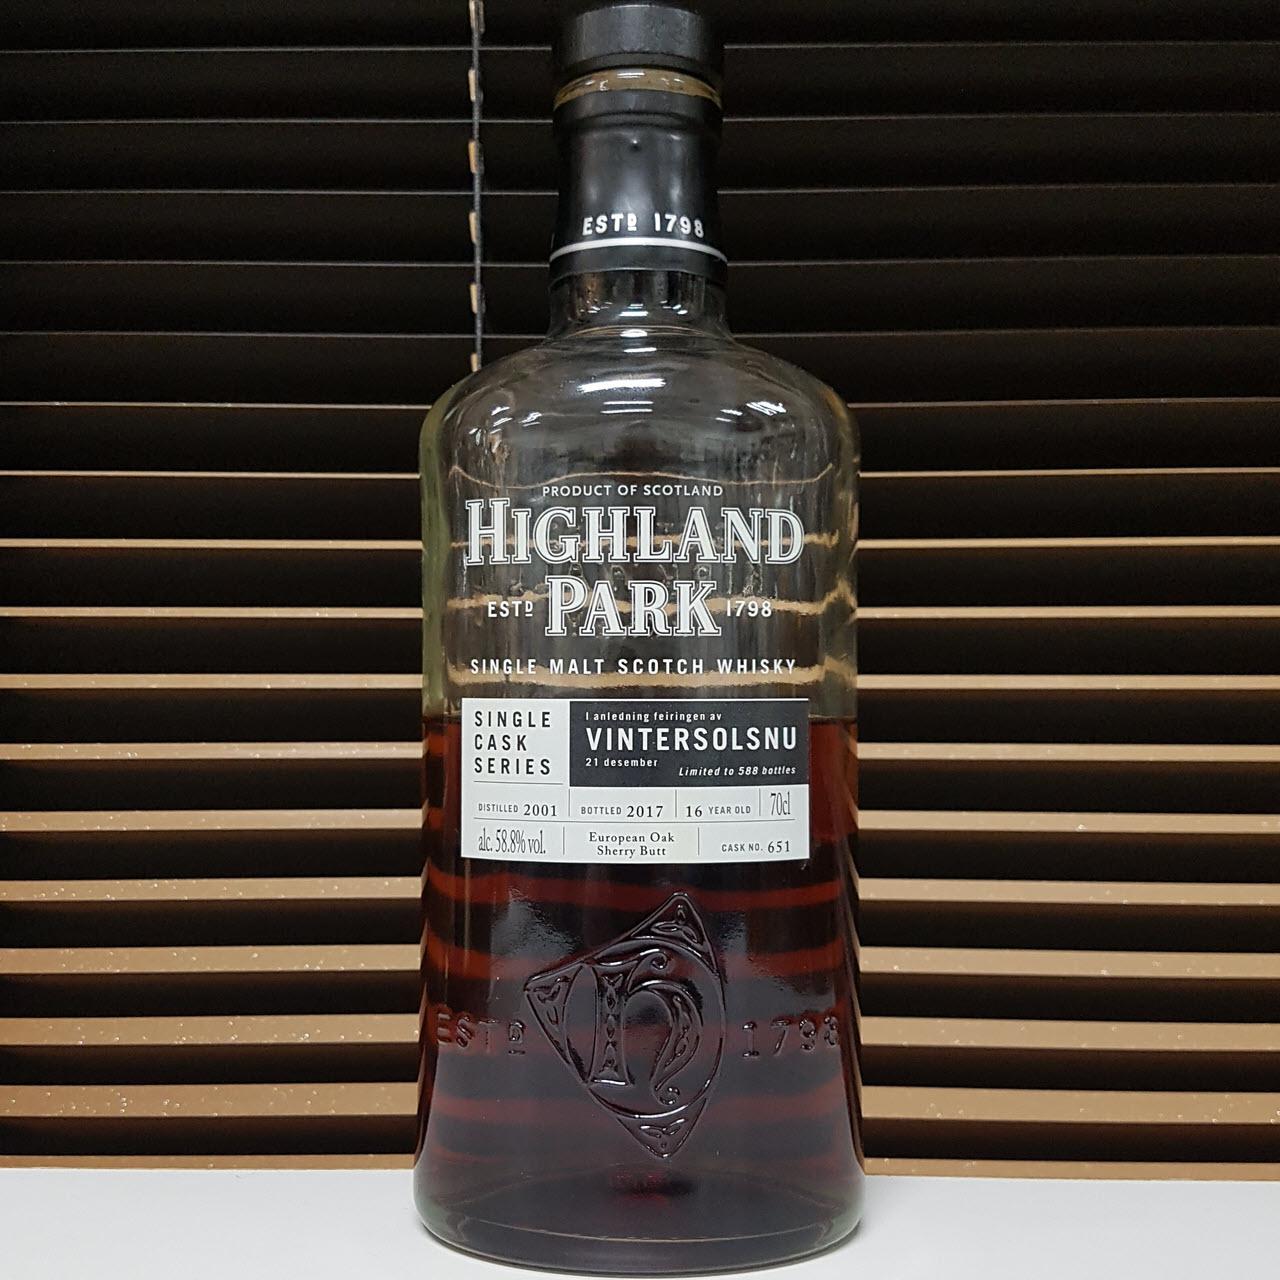 Highland Park Single Cask Vintersolsnu